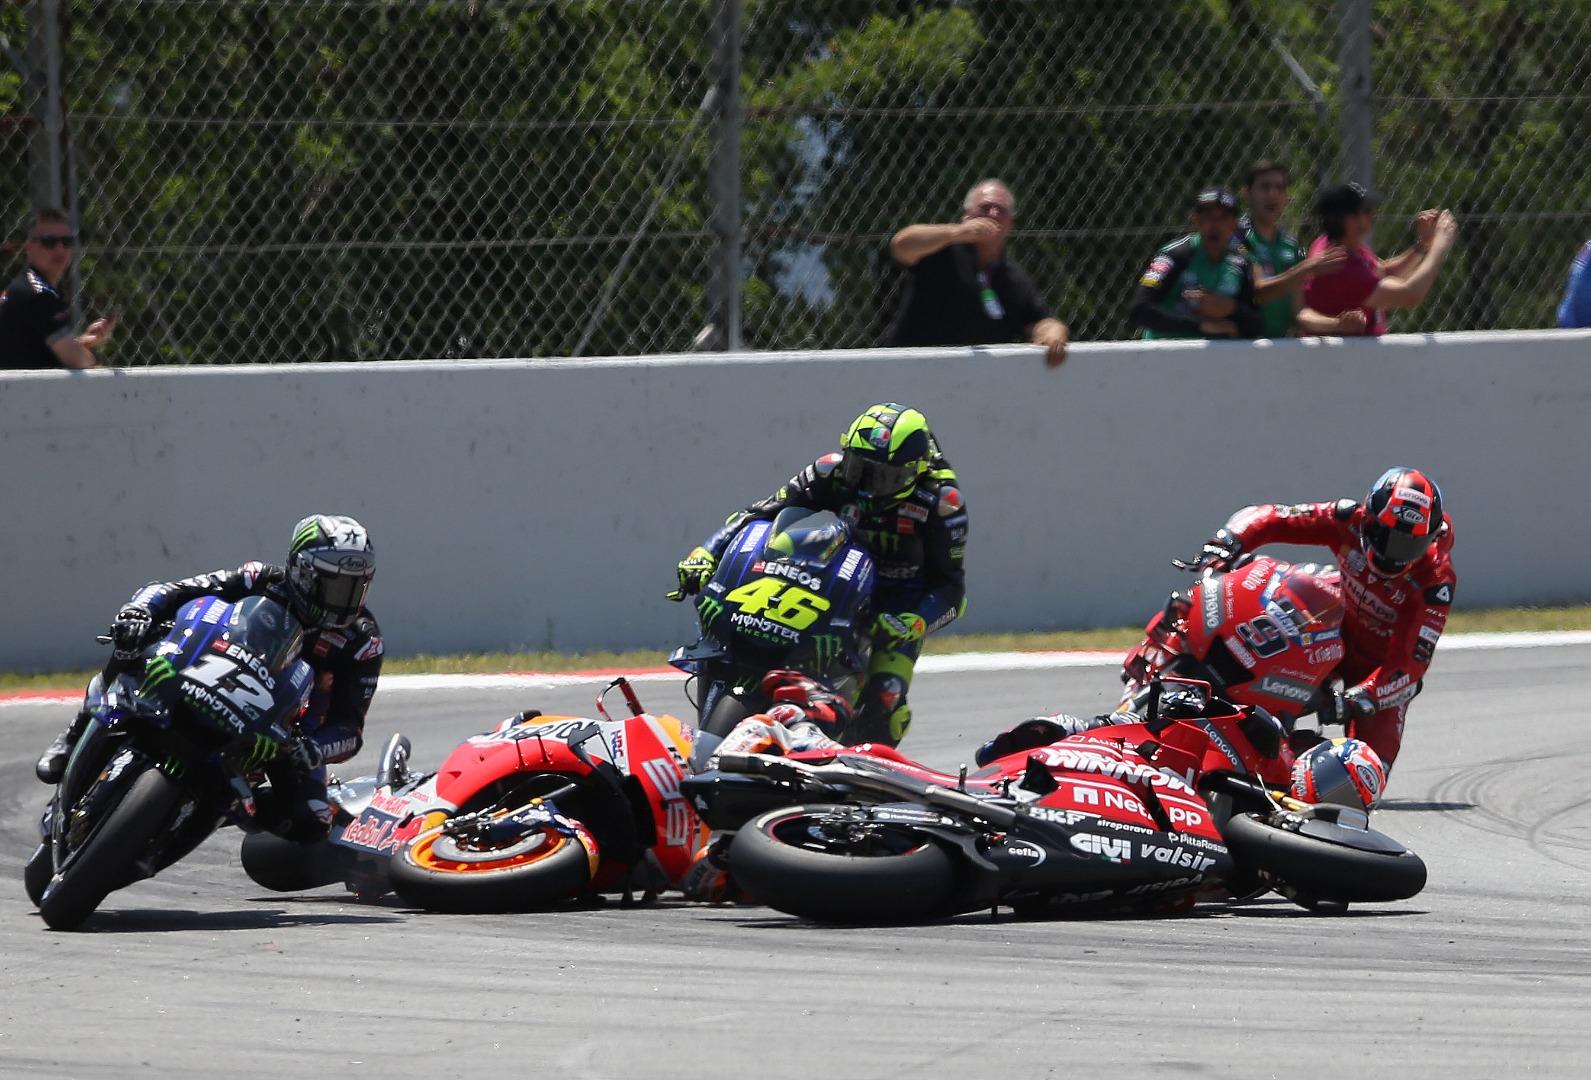 Secuencia de fotos de la caída de Jorge Lorenzo - MotoGP Catalunya 2019